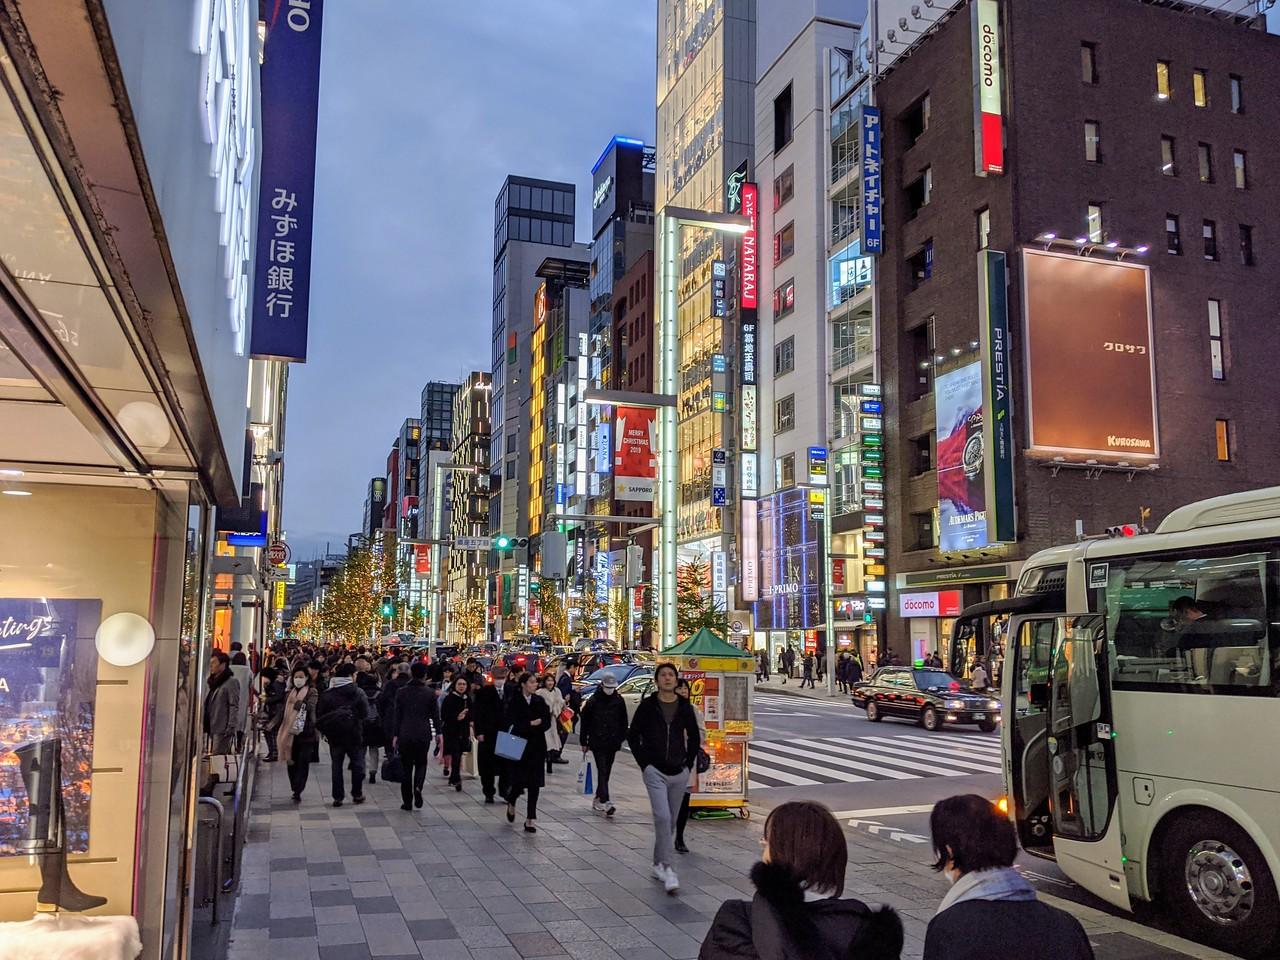 Tokyo | 06 Dec 2019 | Arrival to Tokyo